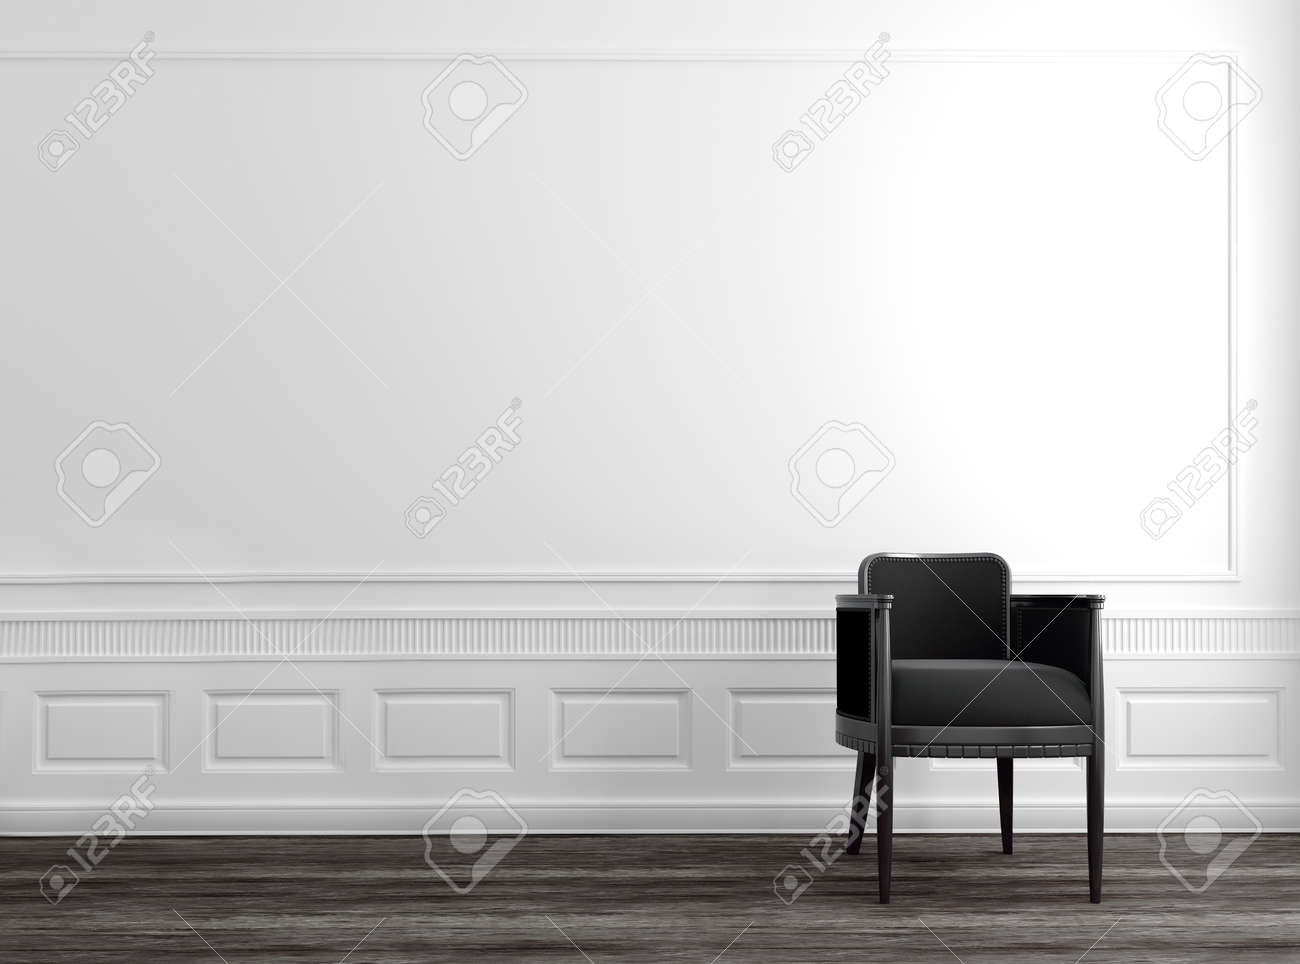 Pavimento Grigio Moderno : Moderno grigio sedia in casa dell alta società di lusso con pareti